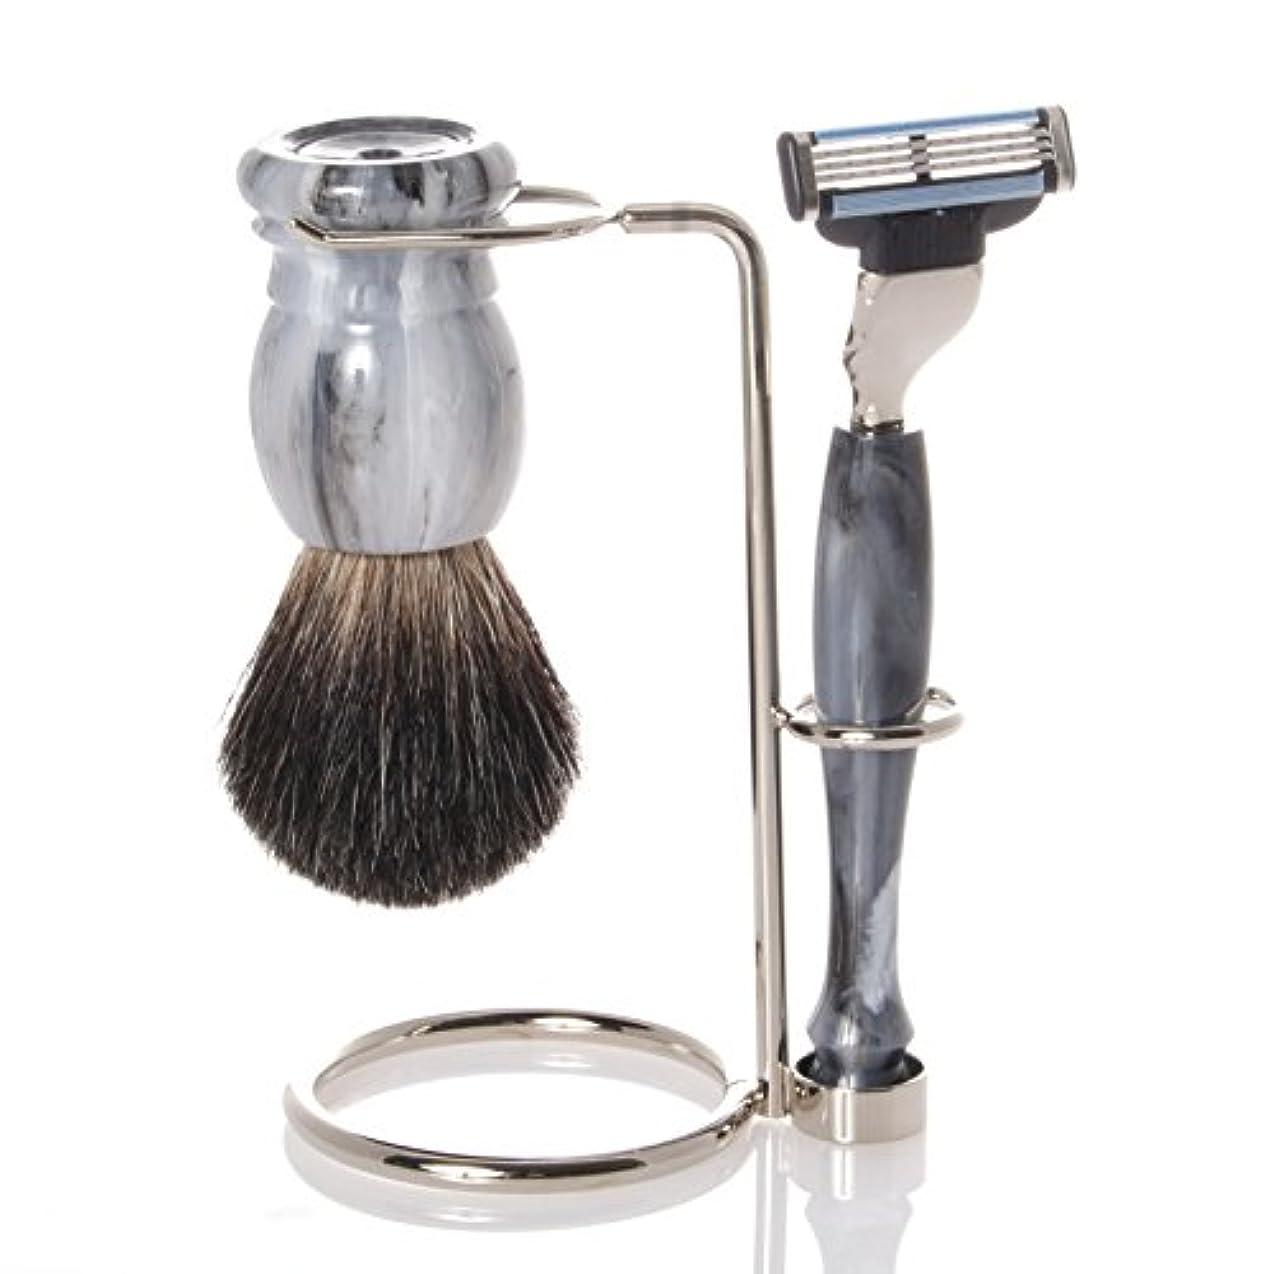 飛行機役員廃止する髭剃りセット、ホルダー、グレー?オジャー?ブラシ、カミソリ - Hans Baier Exclusive